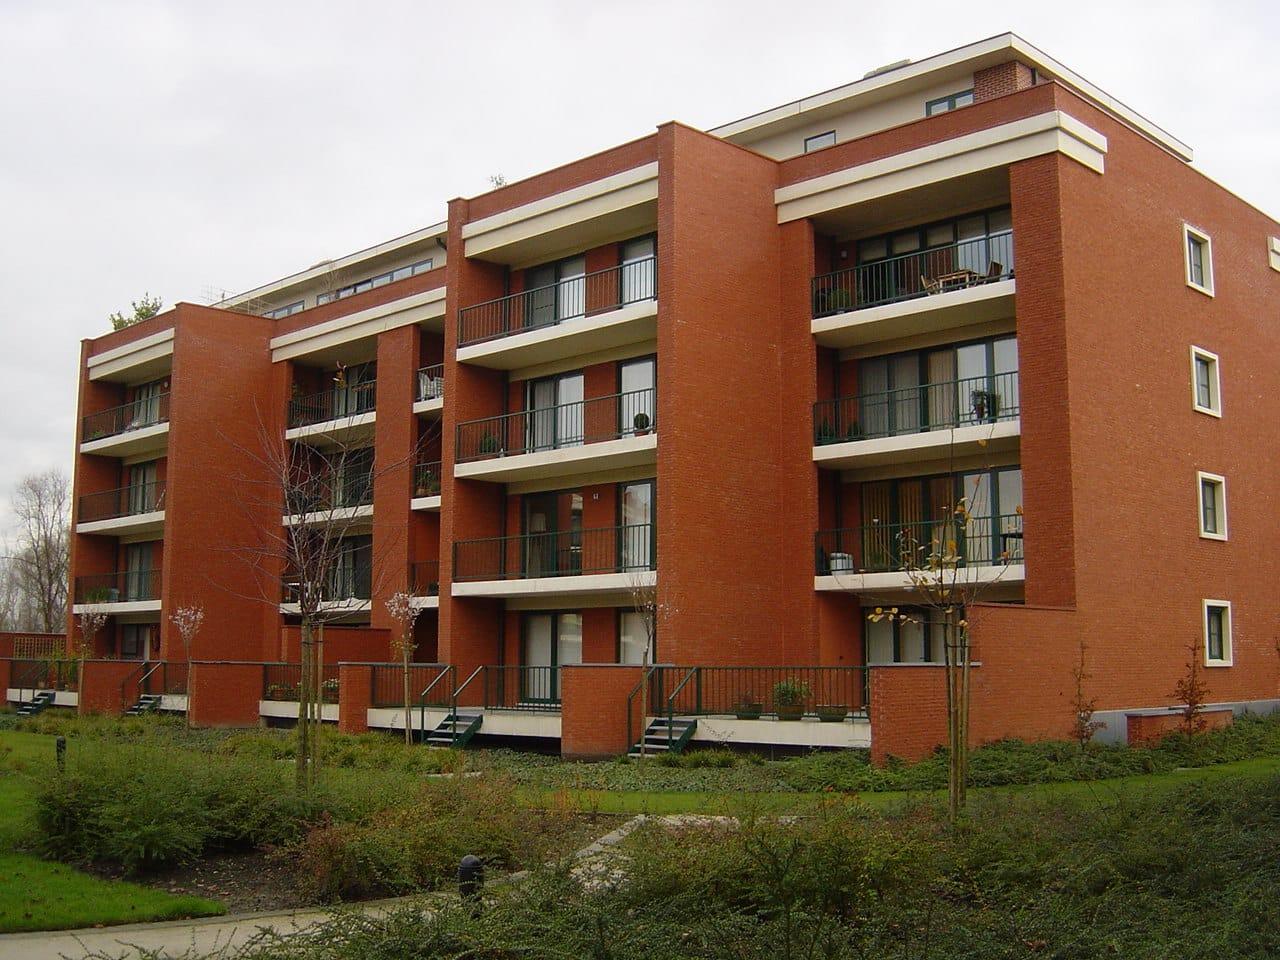 Residentie Veldmansberg